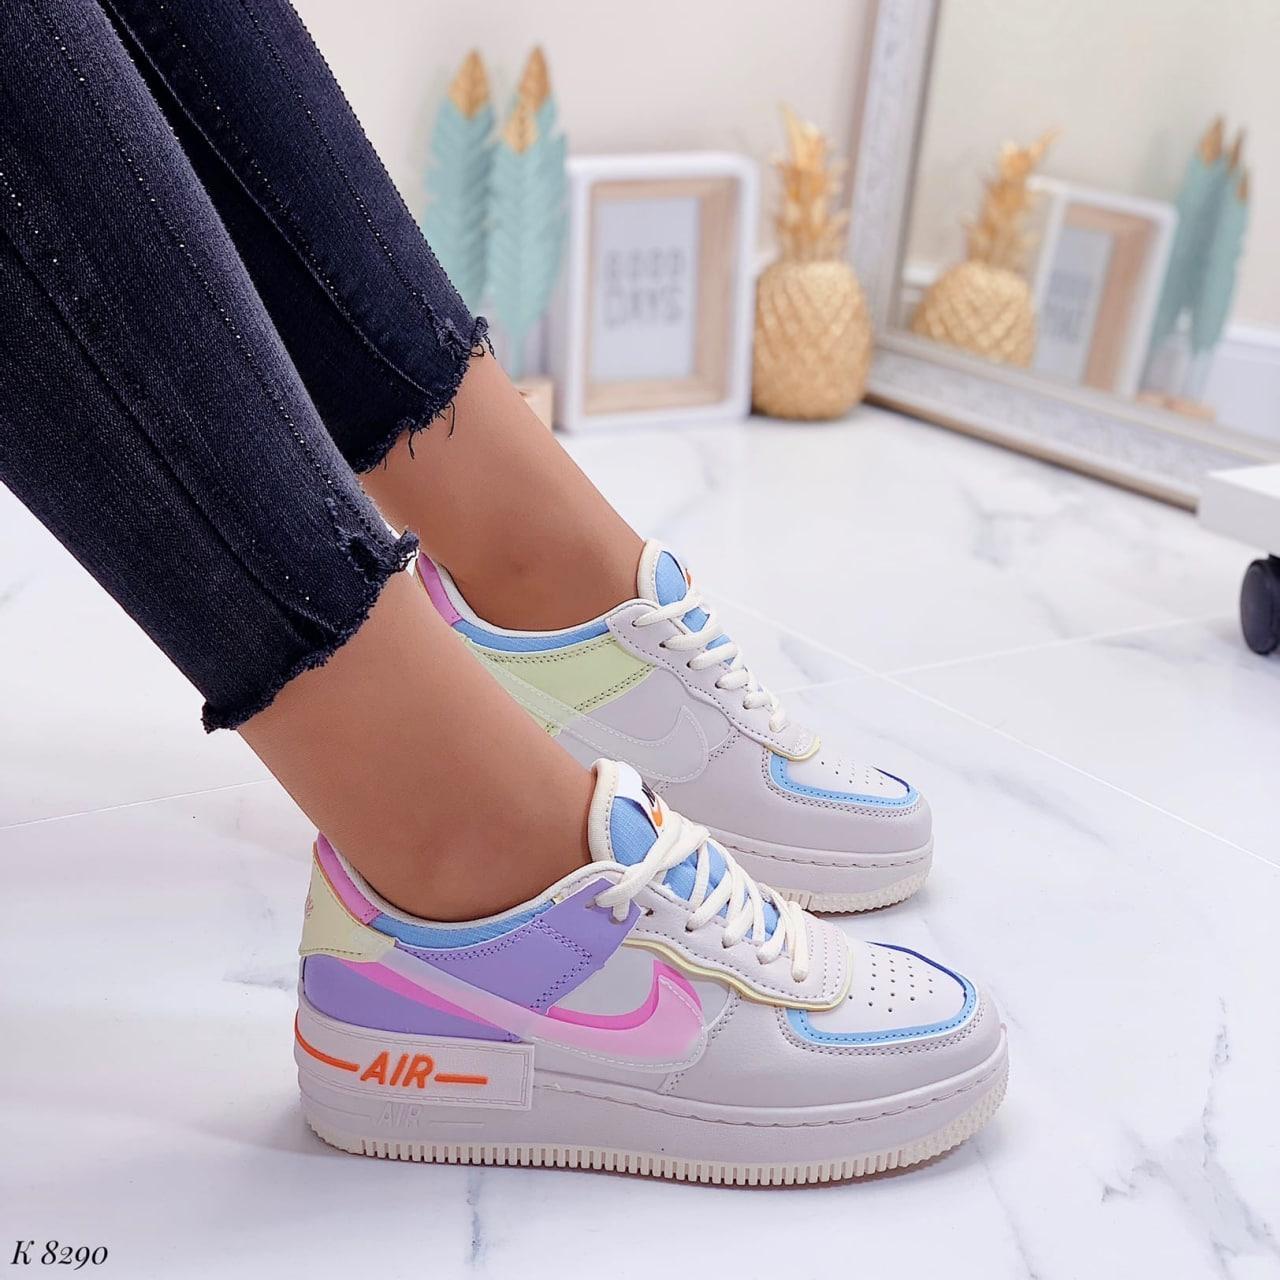 Женские / подростковые кроссовки Nike бежевые натуральная кожа +эко-кожа